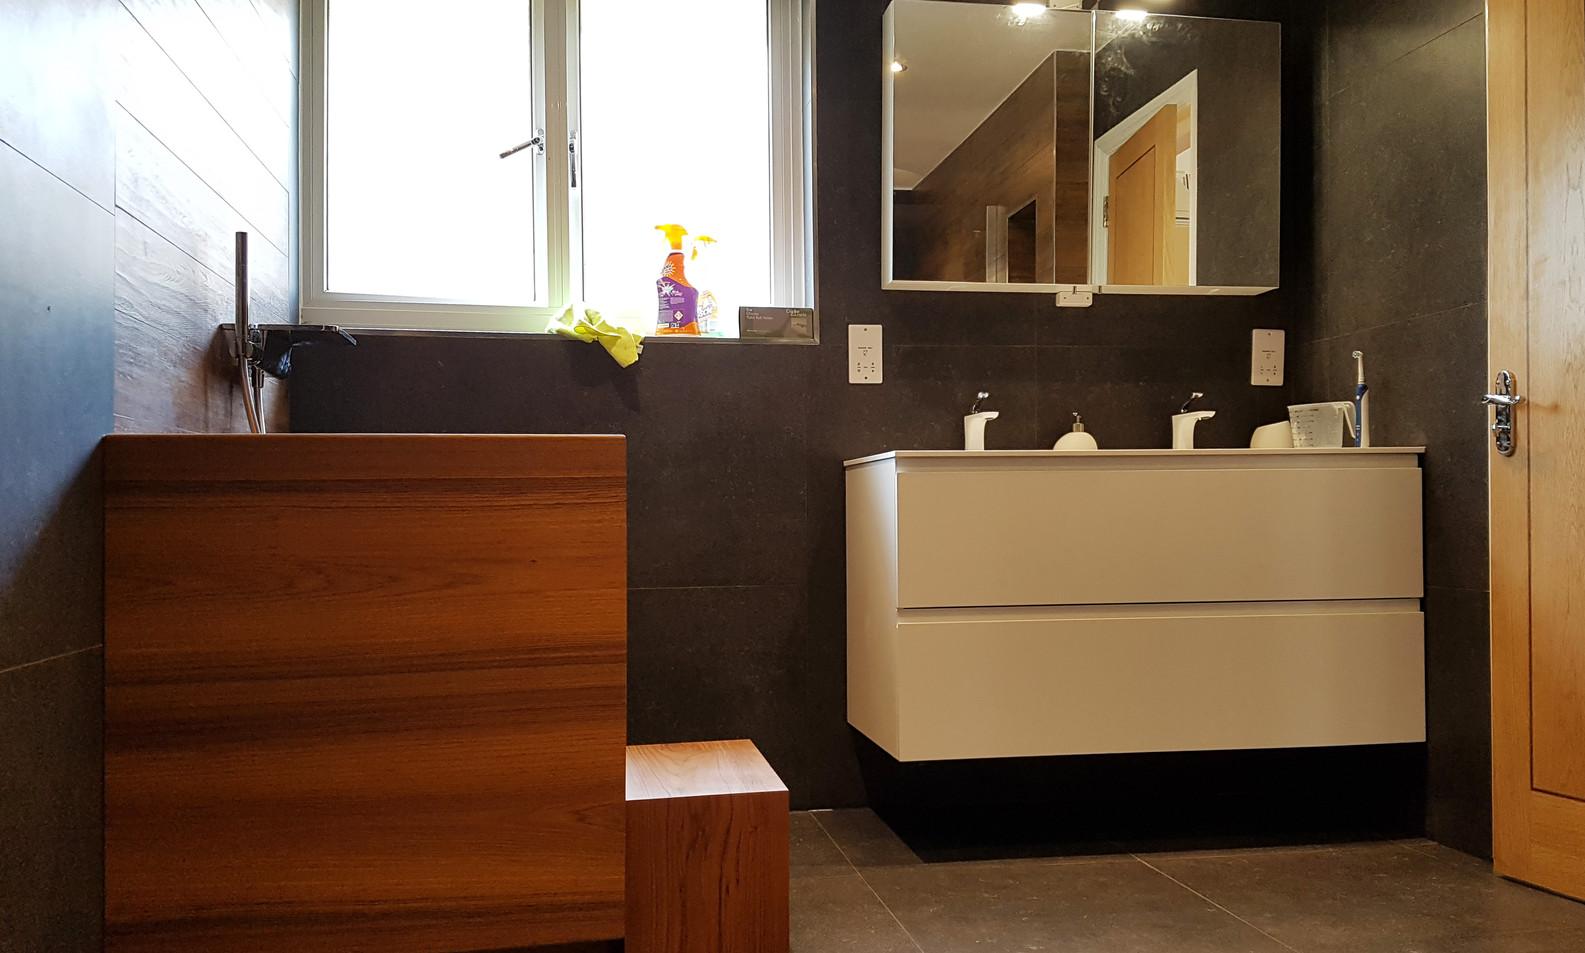 After bathroom_10 Beechwood Close01.jpg